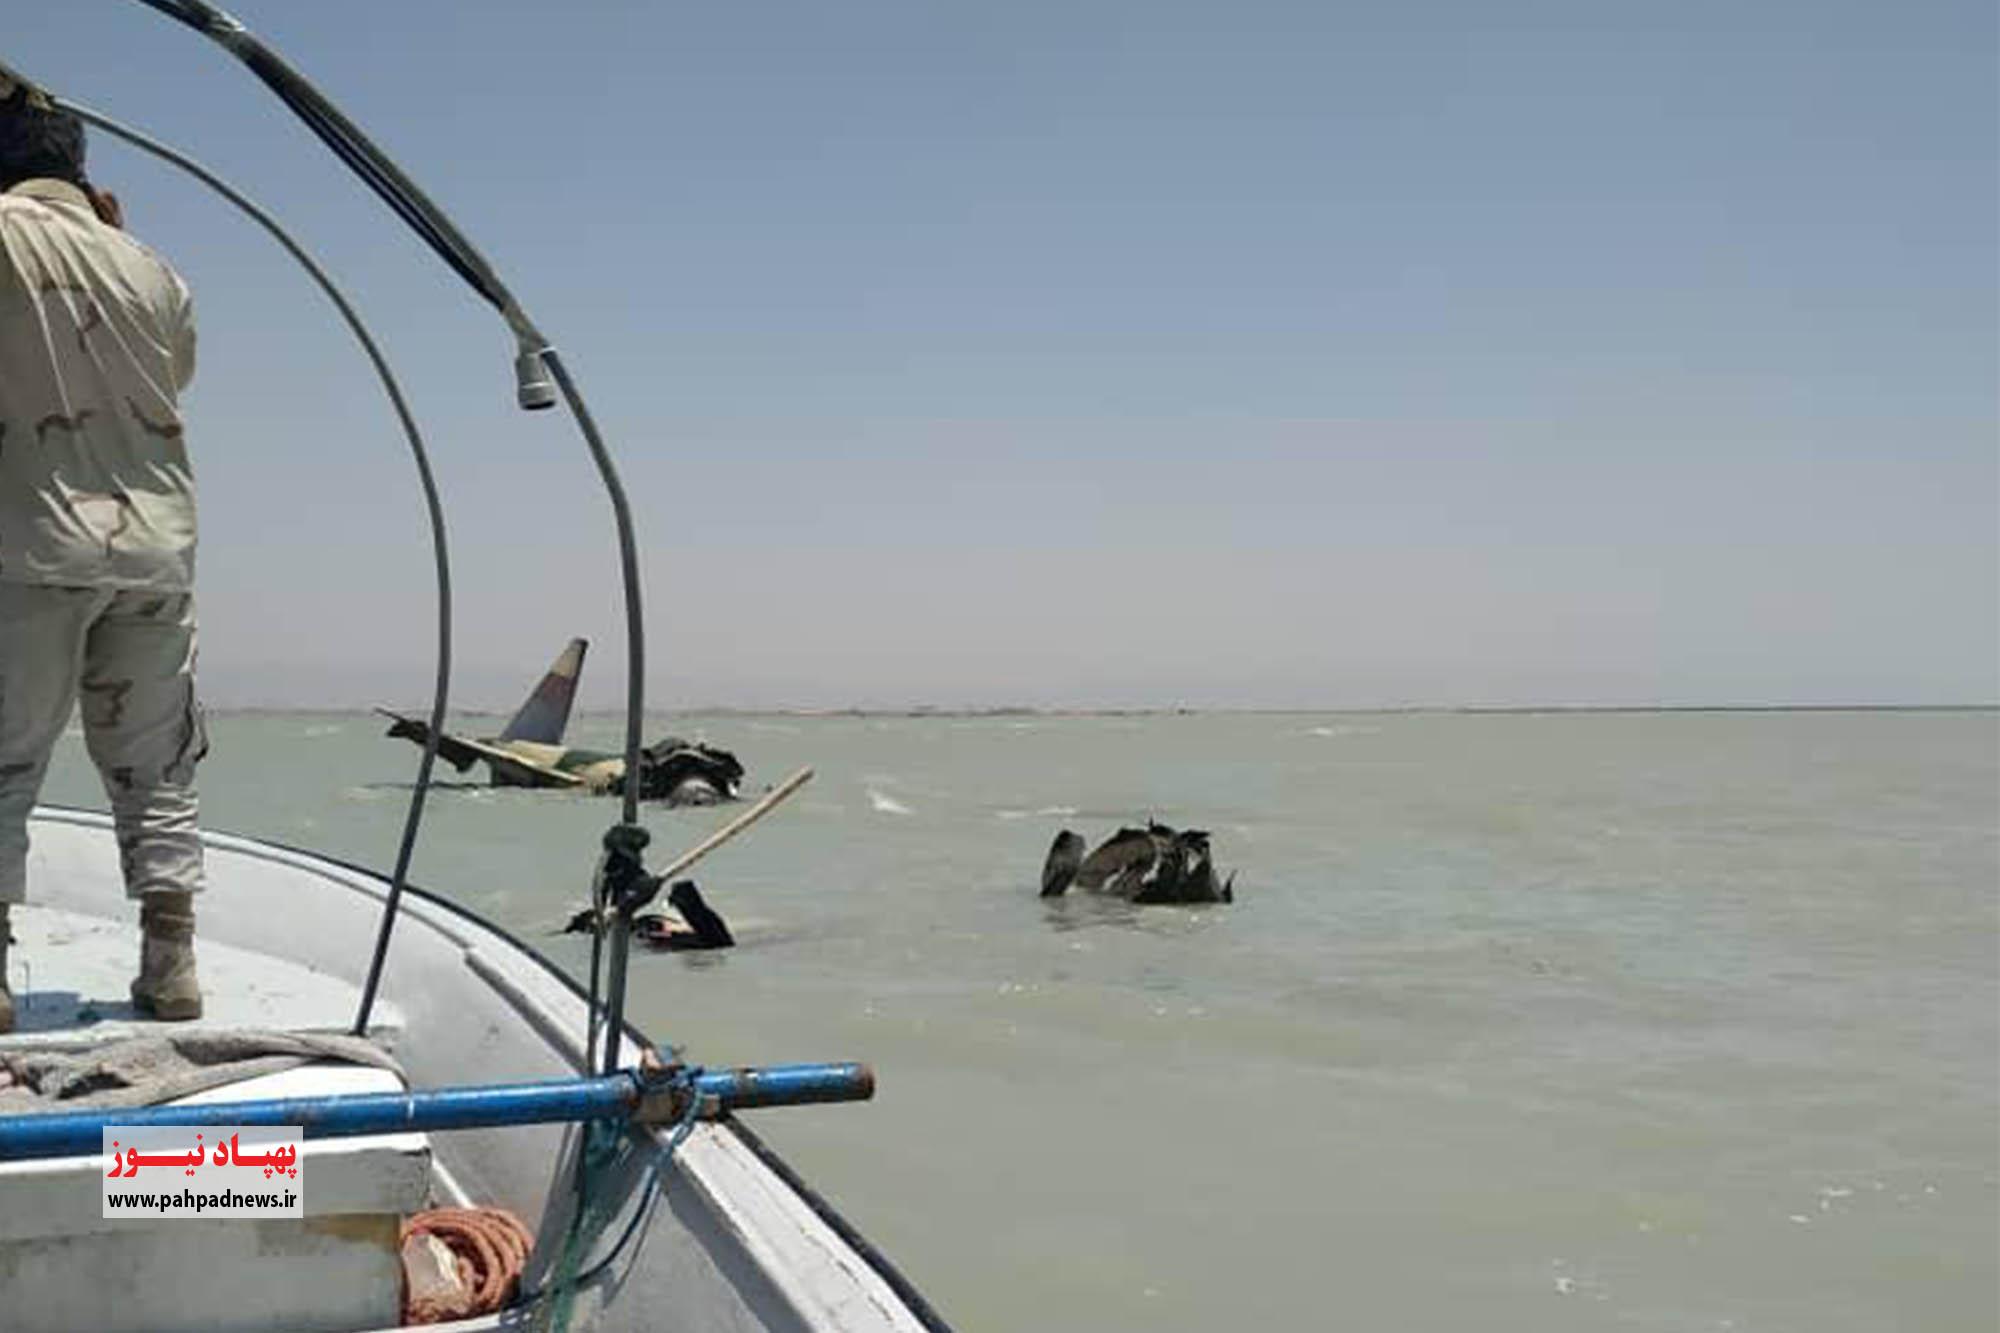 یک فروند هواپیمای نظامی در ساحل تنگستان سقوط کرد